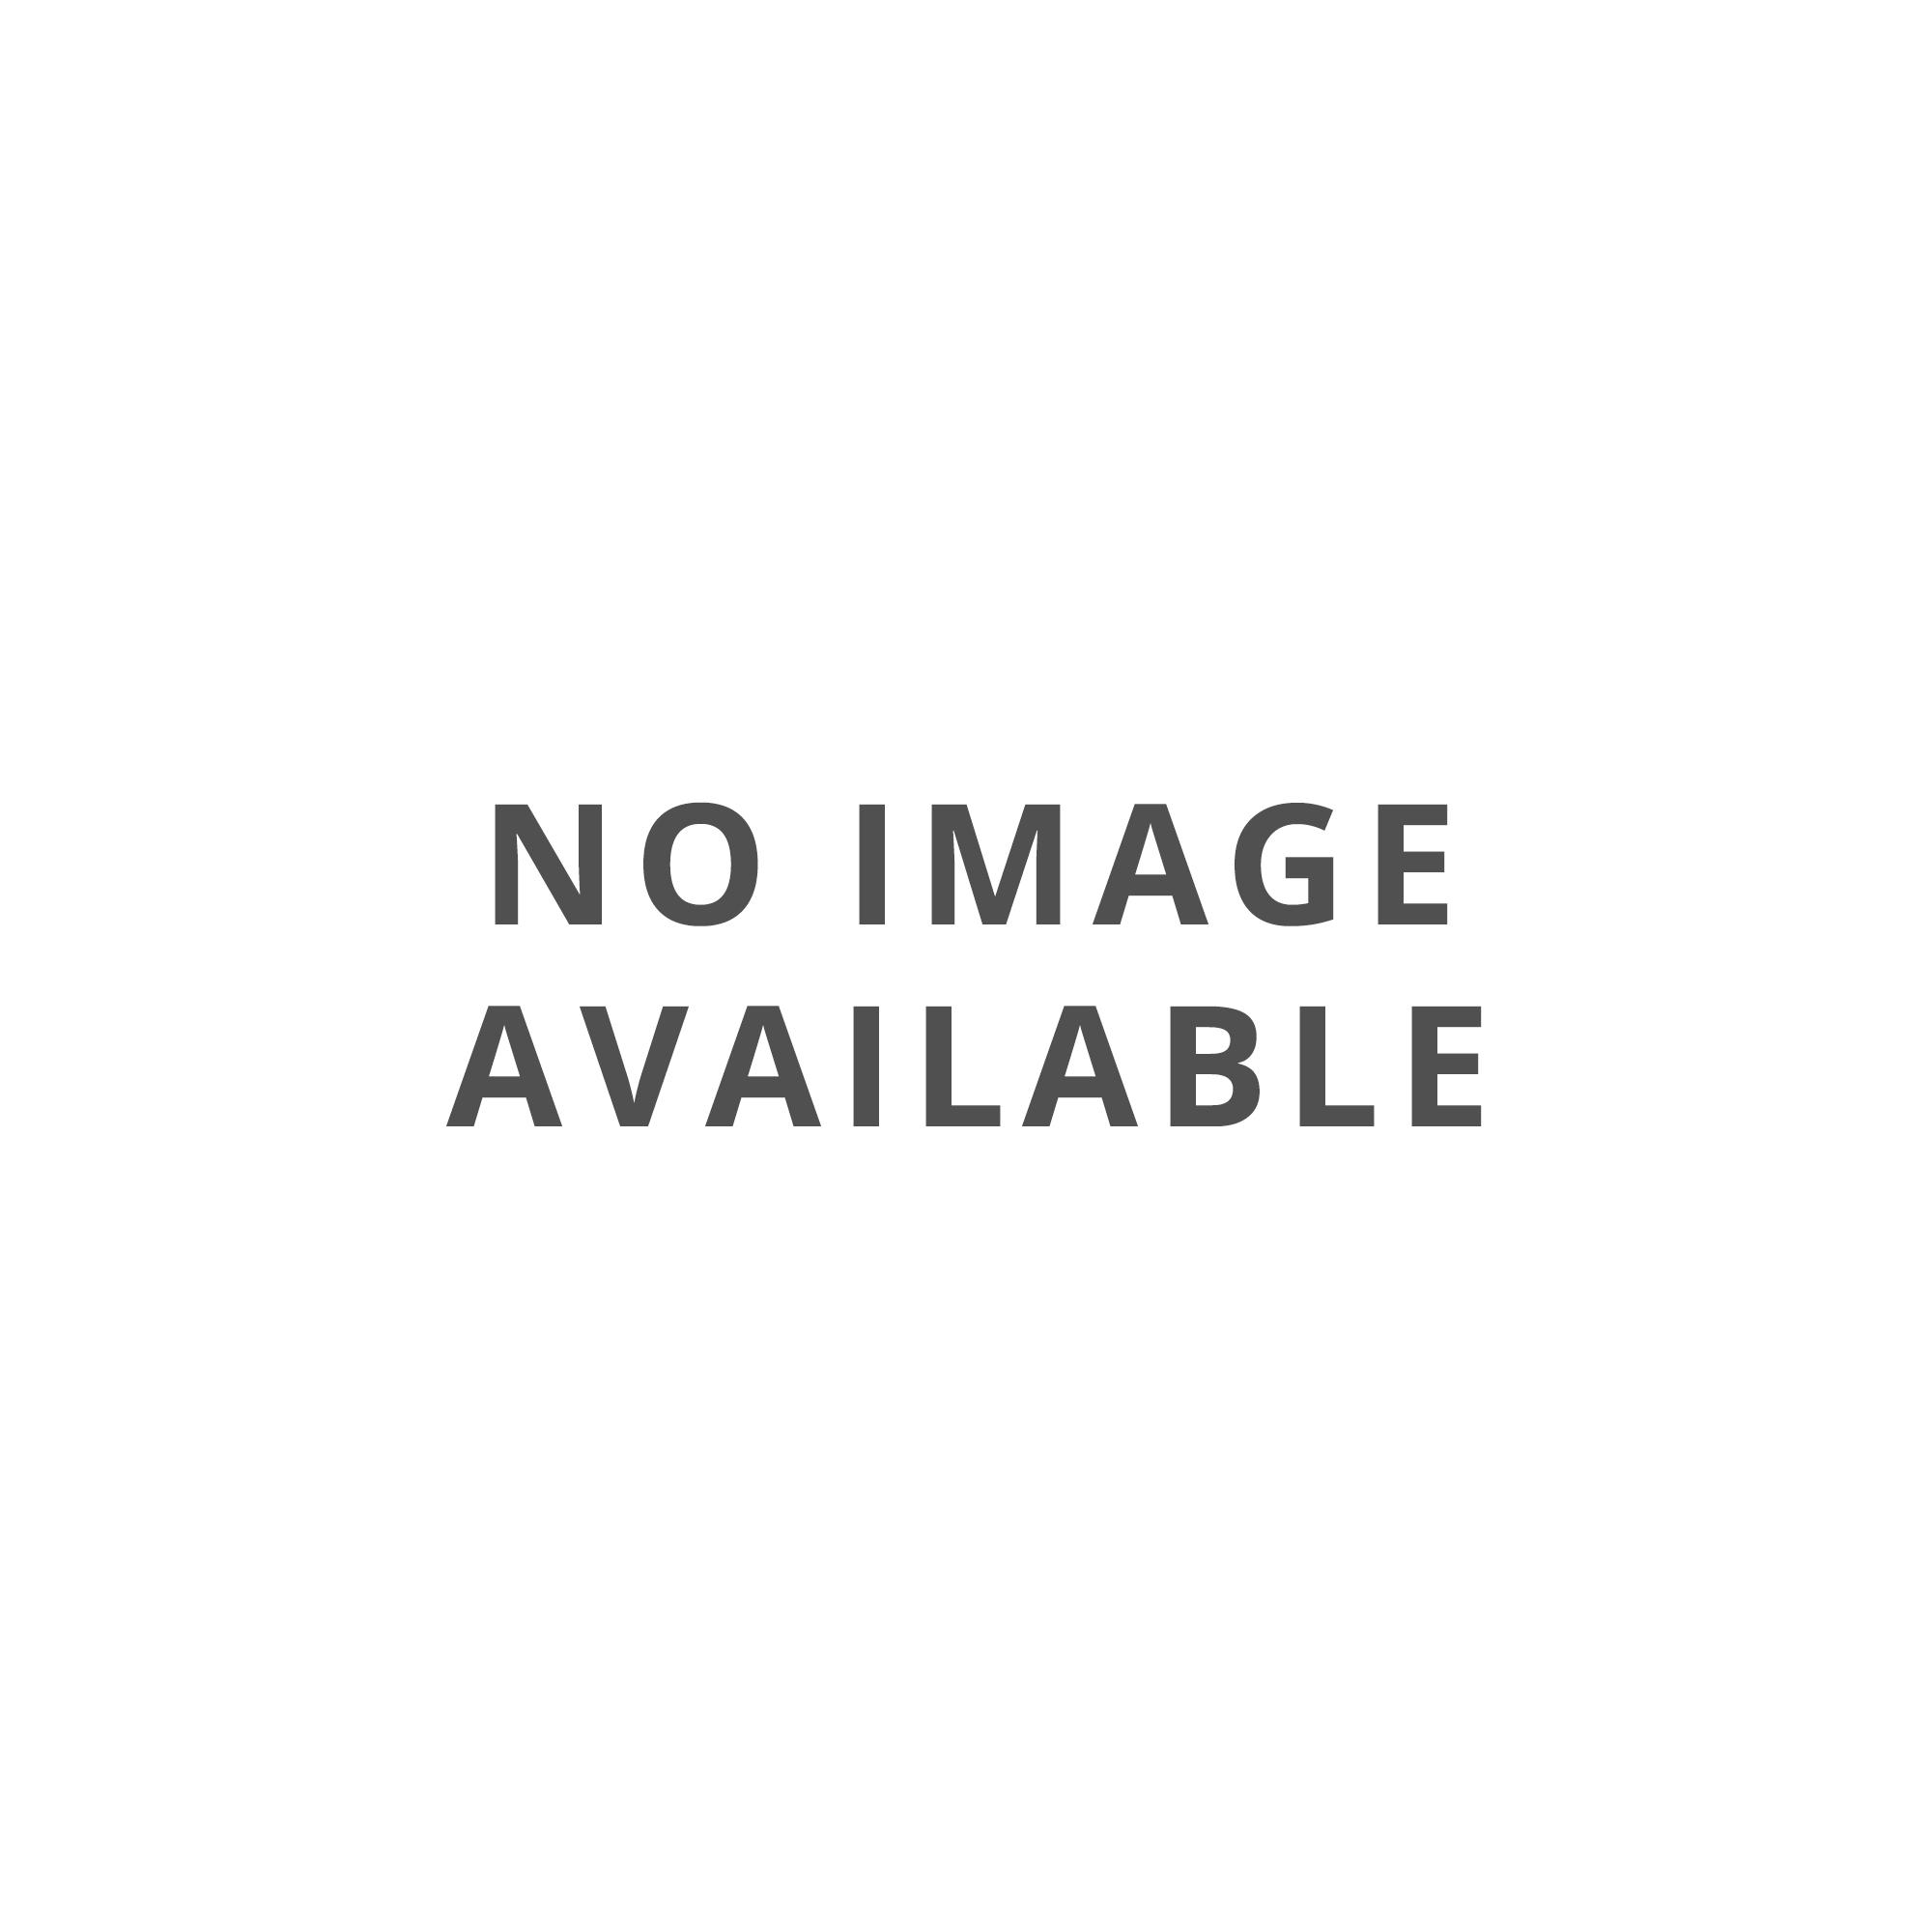 Rangemaster Kitchen Sink Waste Disposal Unit Wdu700